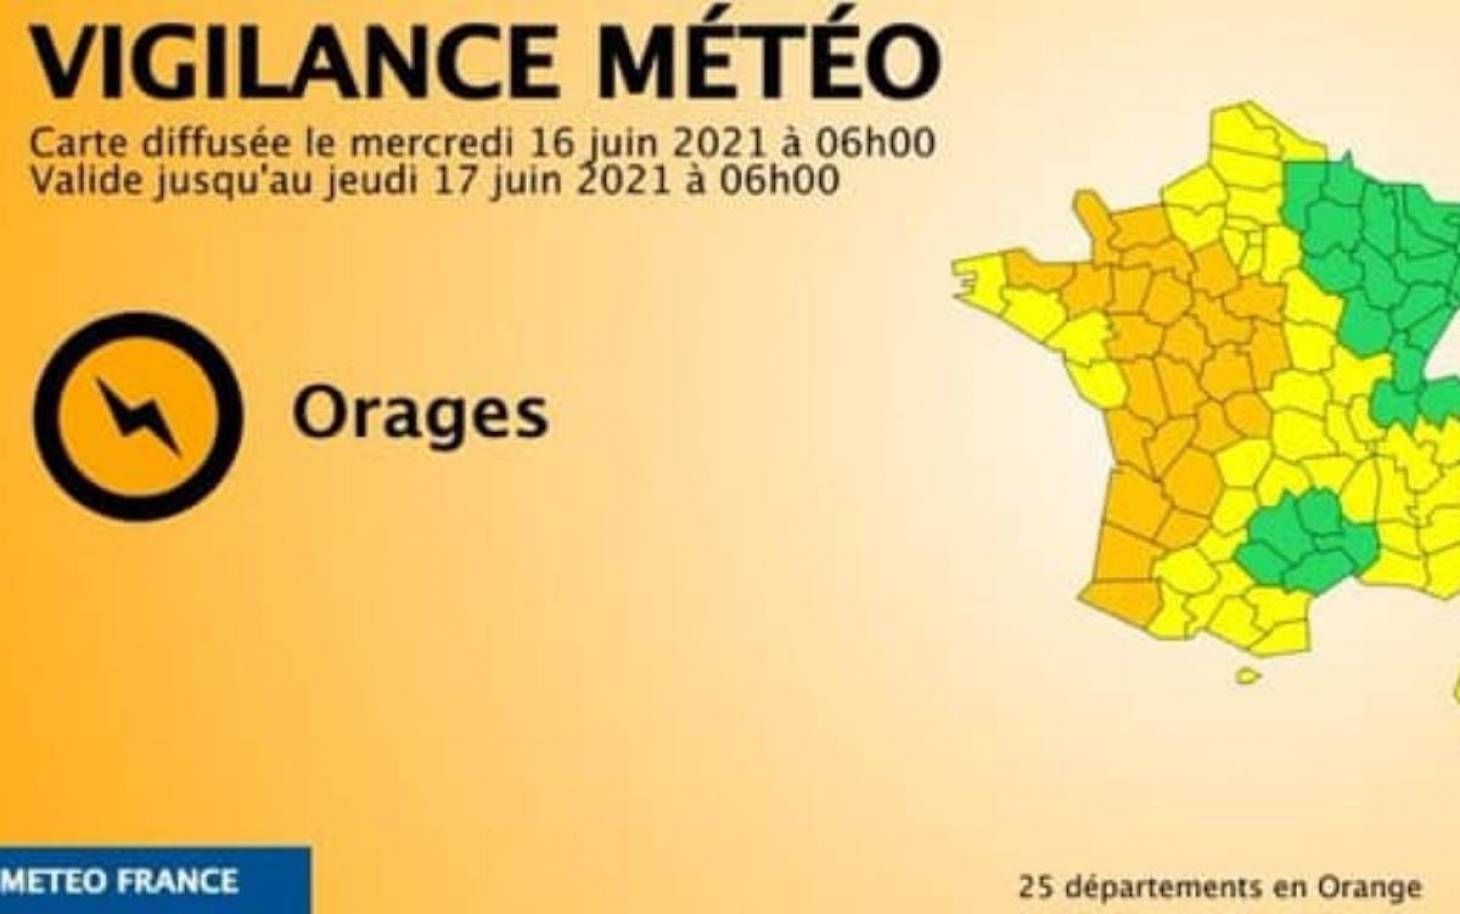 Météo France – La Vienne en vigilance orange en raison de risques d'orages dès la fin d'après-midi